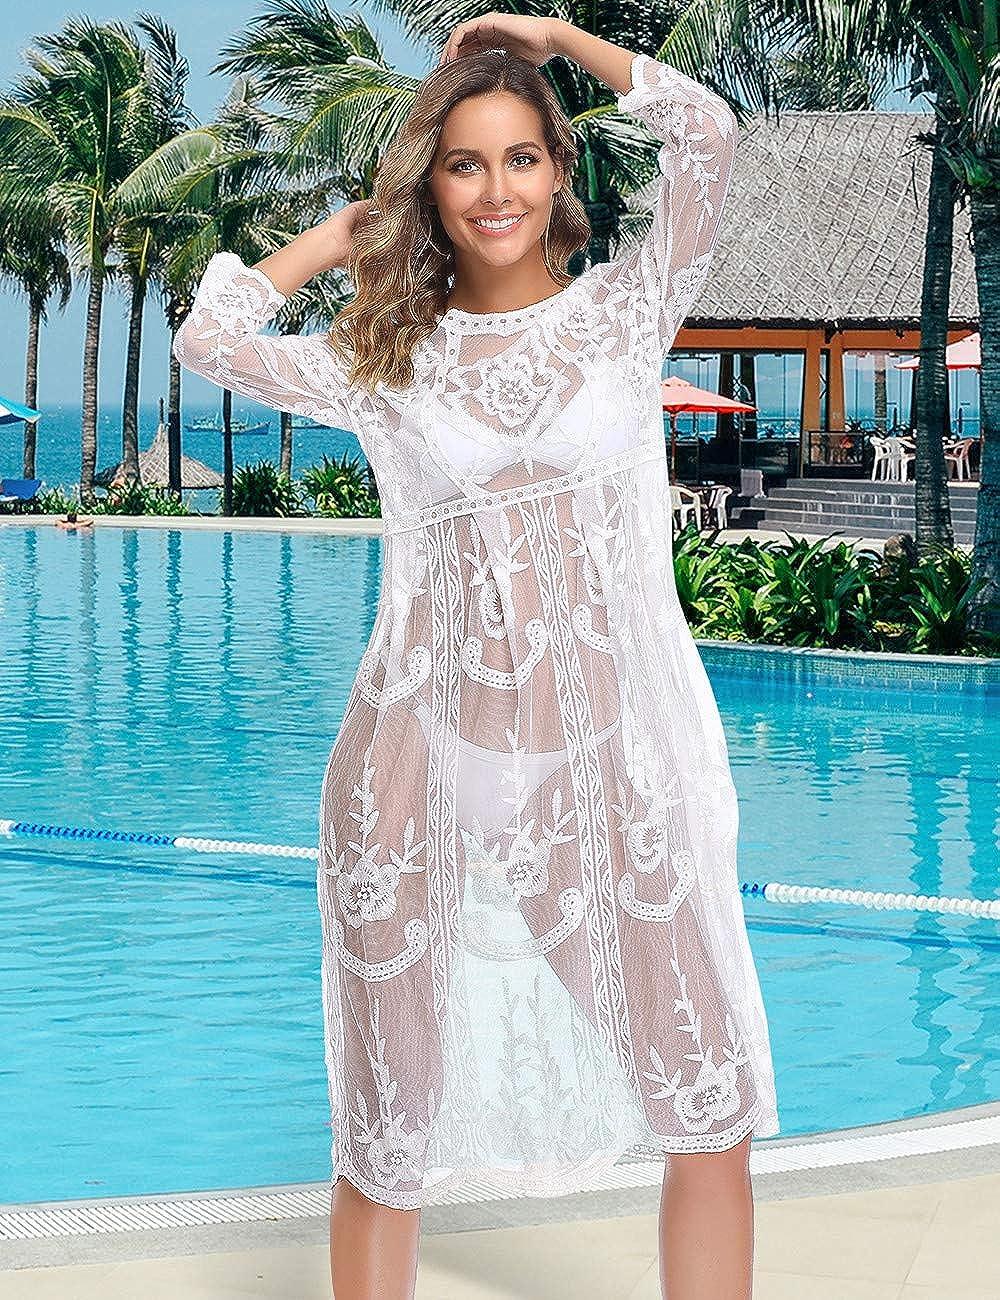 comeondear Damen Strandkleid Sommer Spitzen Transparent Langarm Bikini Cover Up Gestrickte Sommerkleid Badeanzug Beachwear Wei/ß